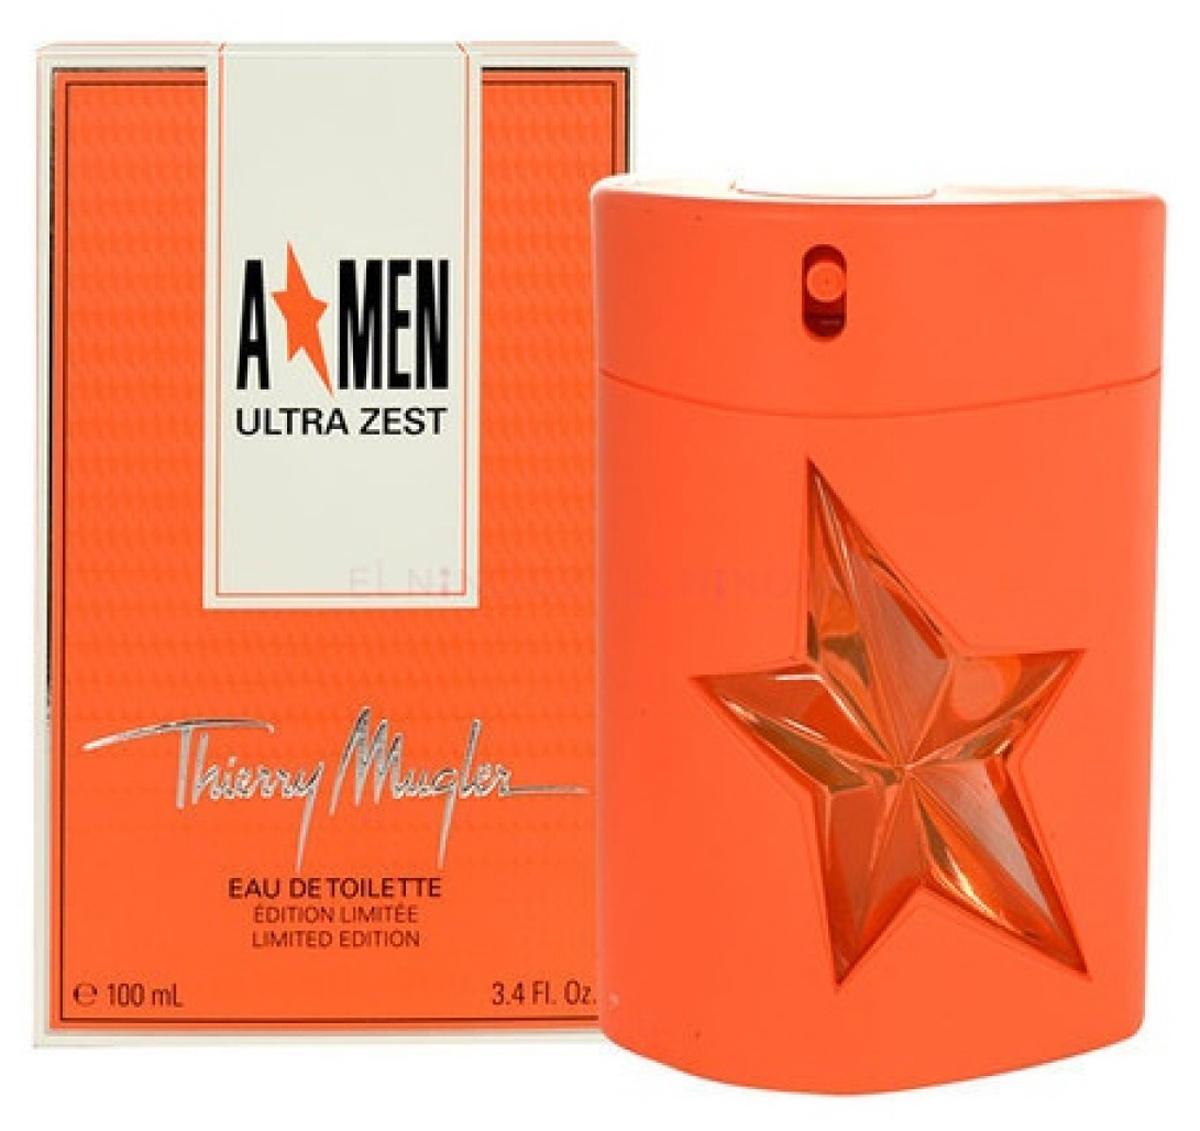 Thierry Mugler Туалетная вода A*Men Ultra Zest, мужская, 100 мл13975Древесные, пряные. Апельсин, имбирь, мята, танжерин, корица, кофе, перец, бобы тонка, ваниль, пачули.